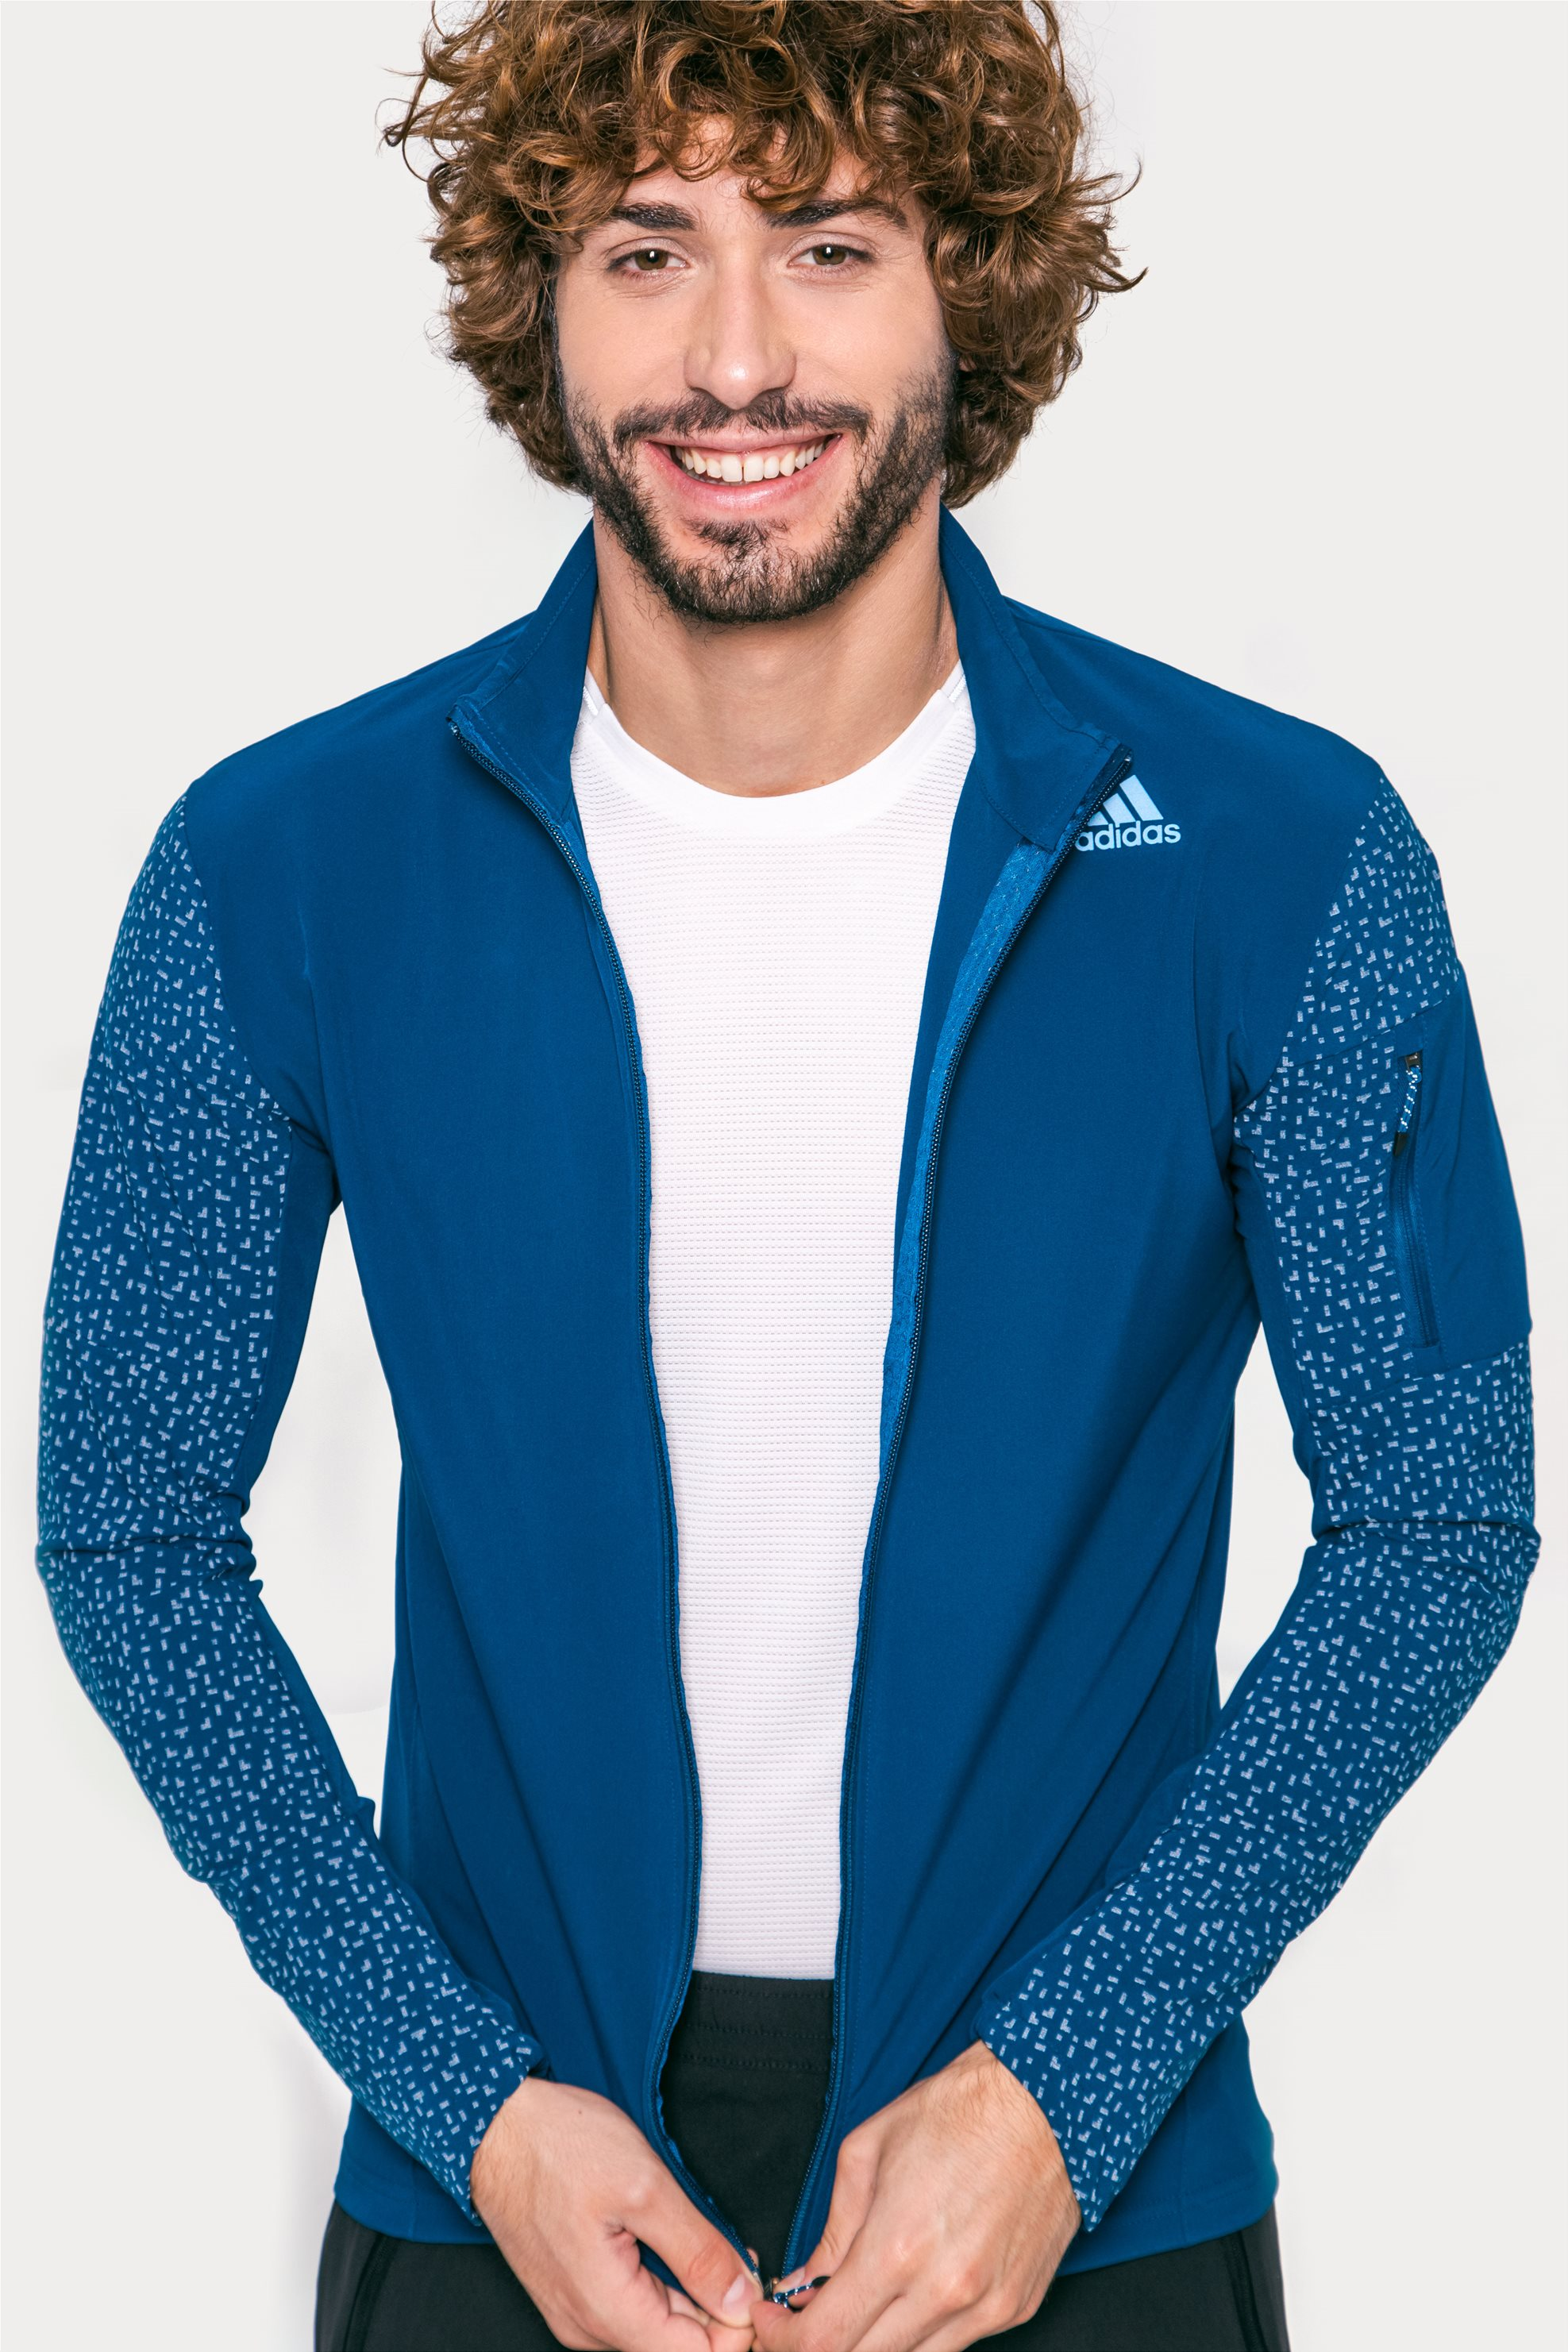 Ανδρική ζακέτα Adidas - BQ7251 - Μπλε ανδρασ   αθλητικα   αθλητικά ρούχα   ζακέτες